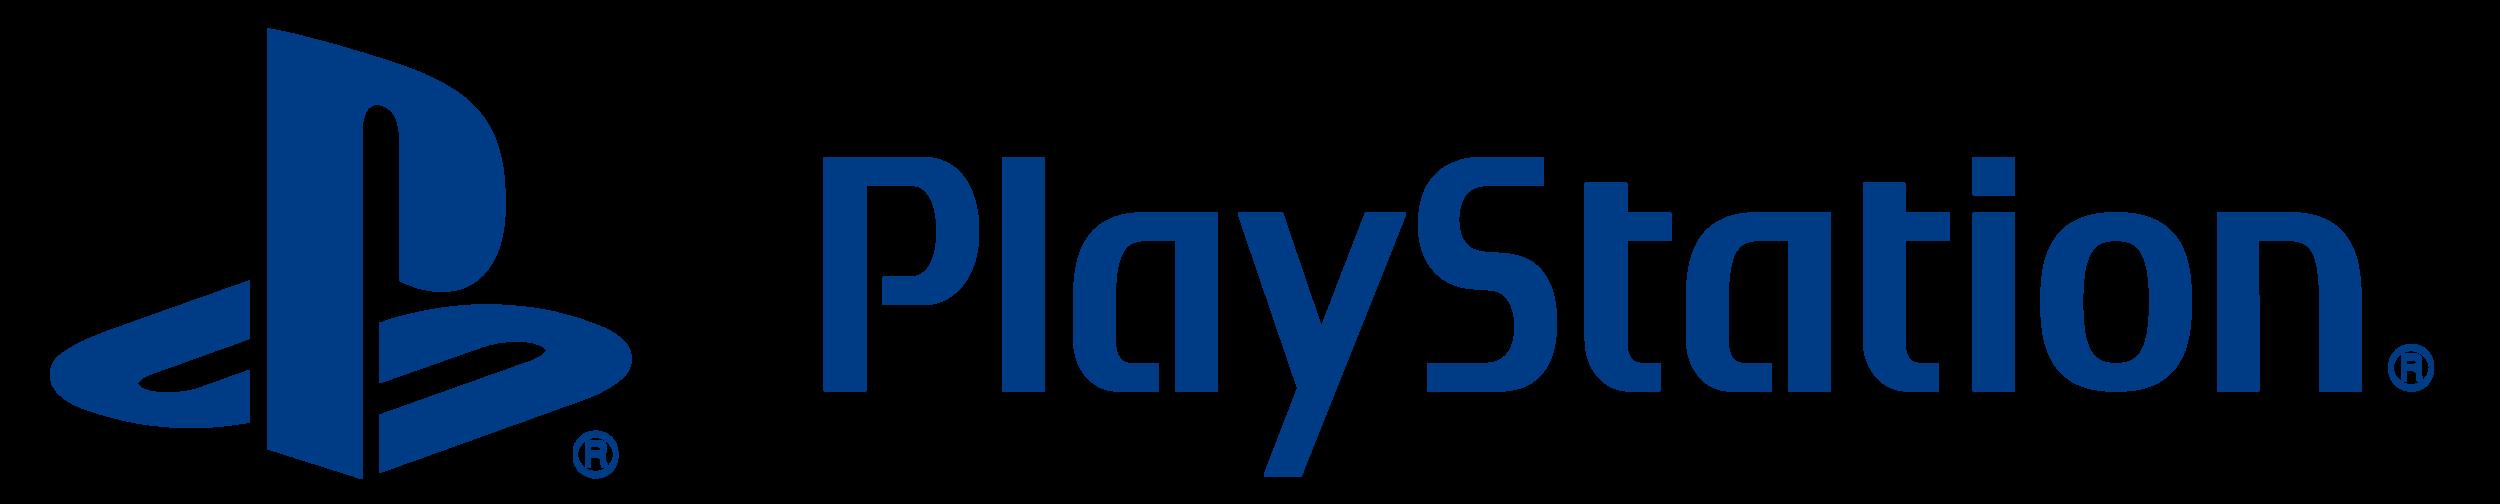 logo-playstation-new.png